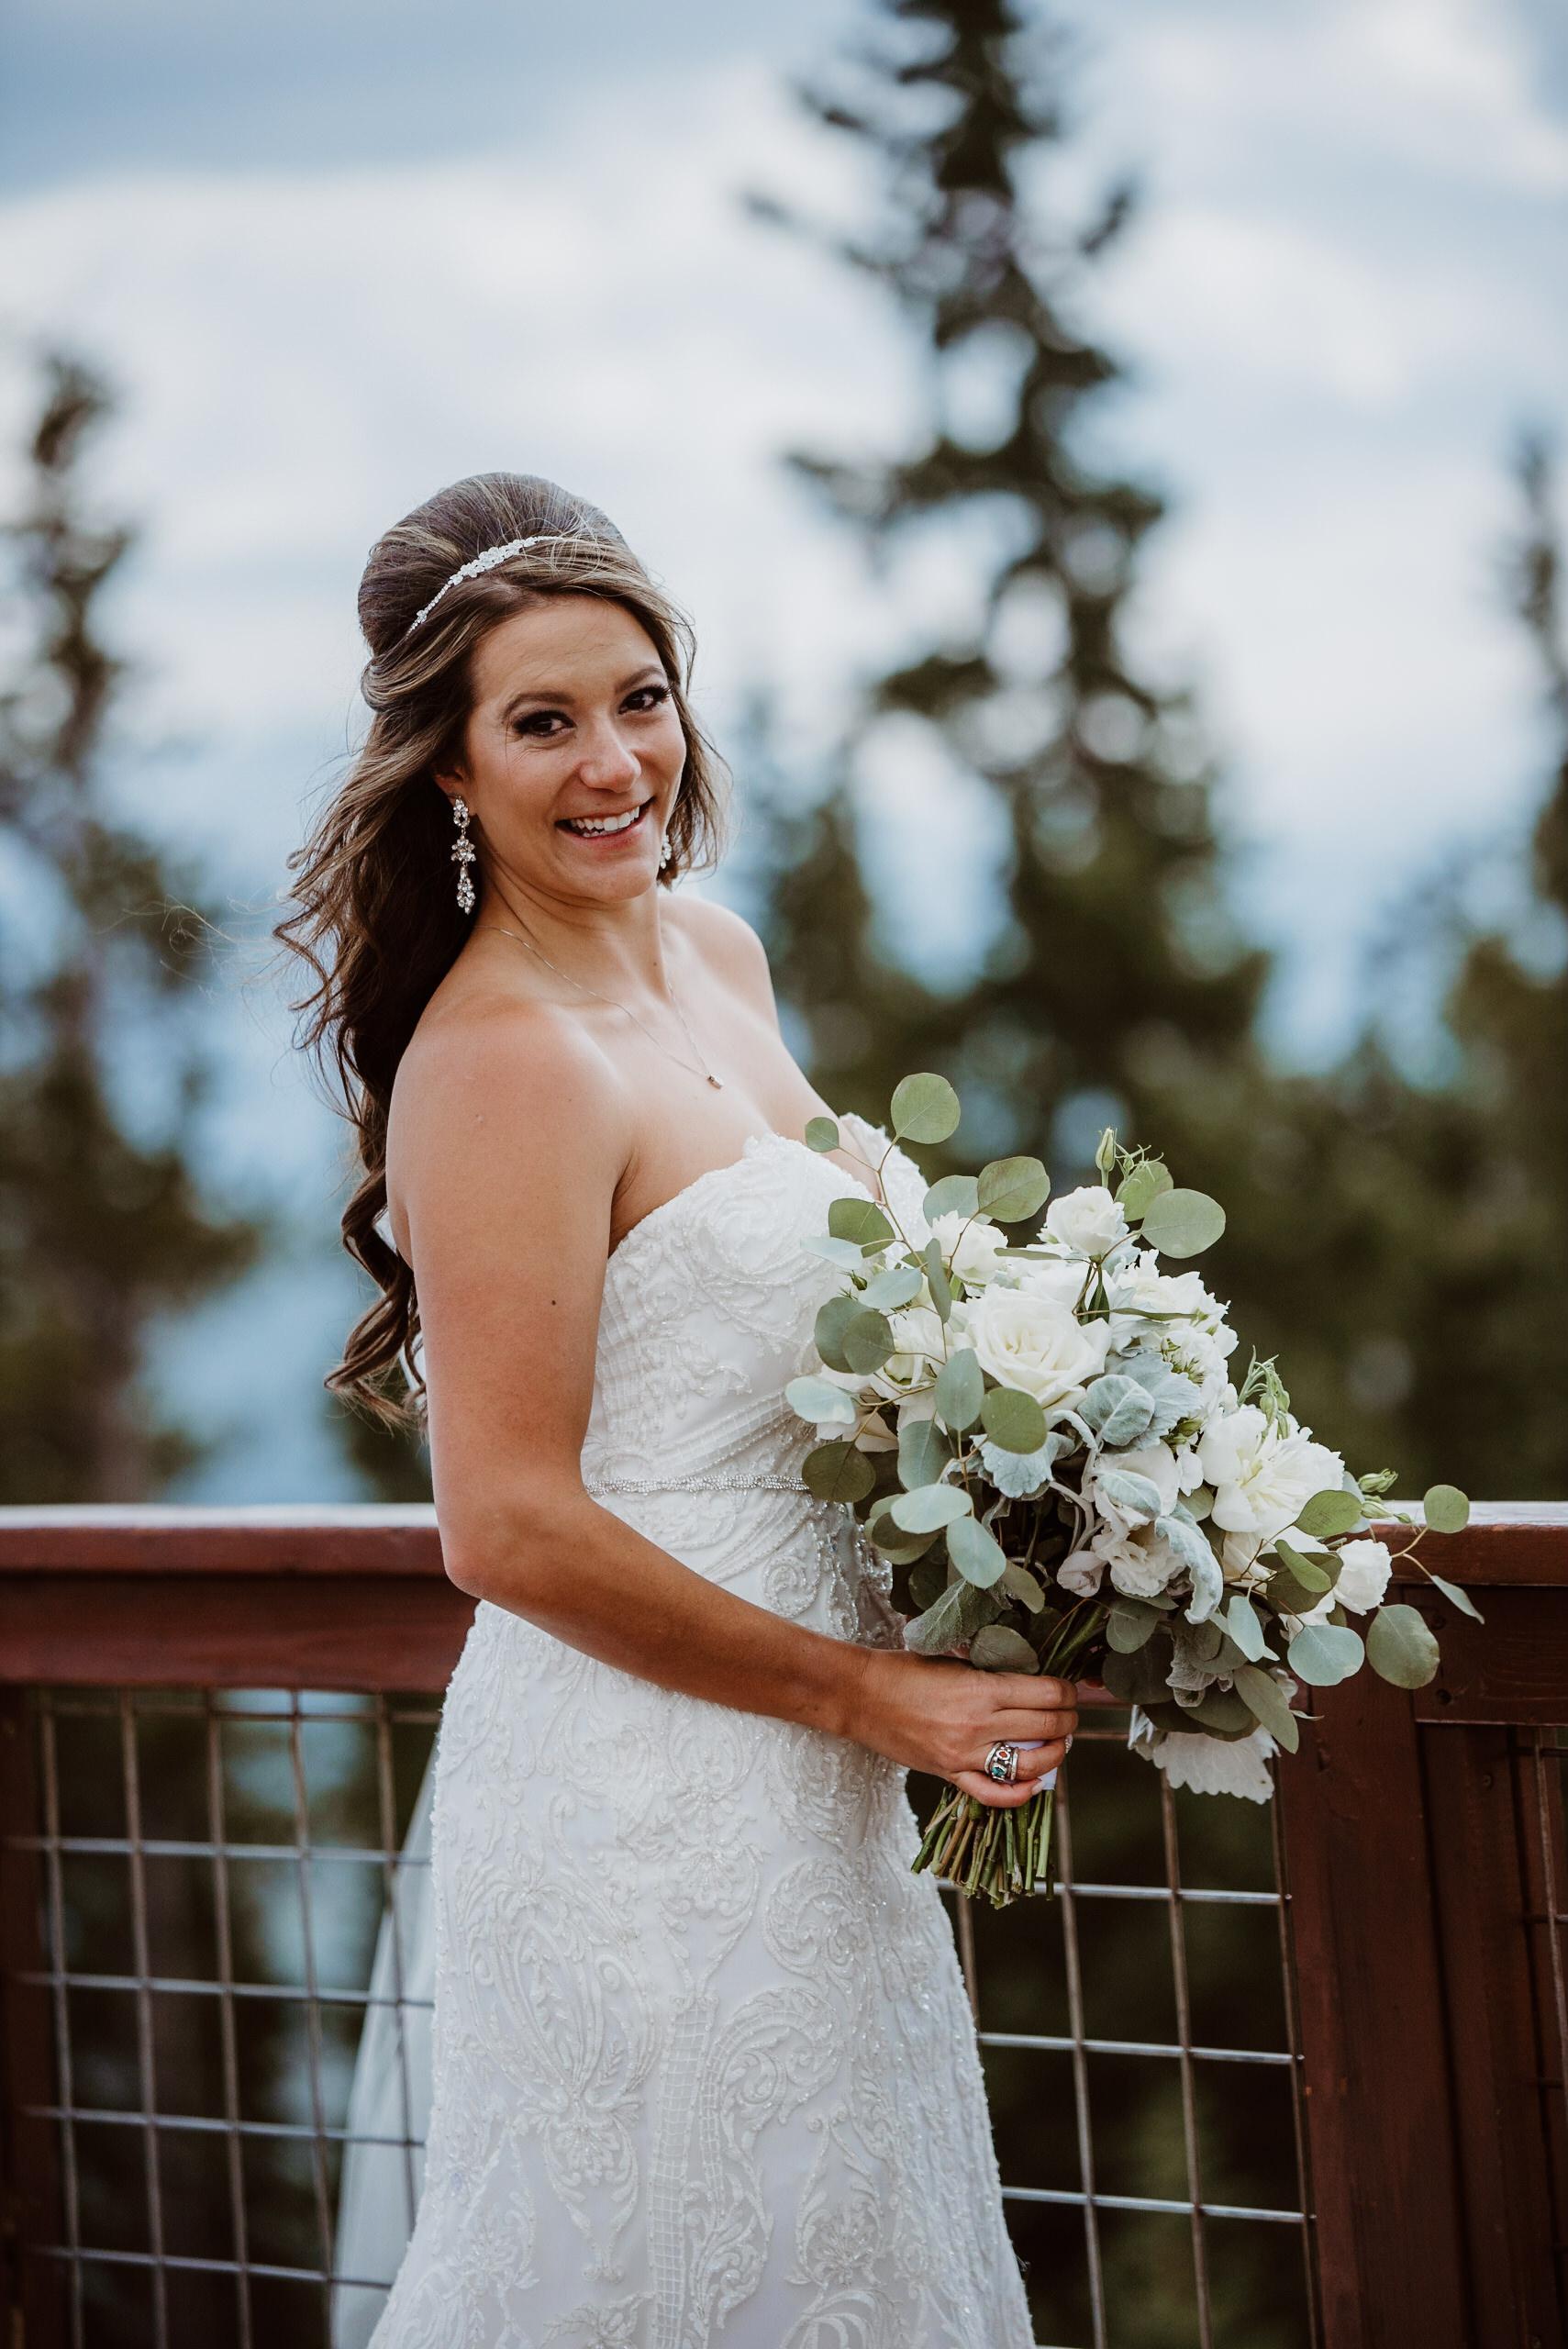 Bride at Keystone, Colorado mountain wedding